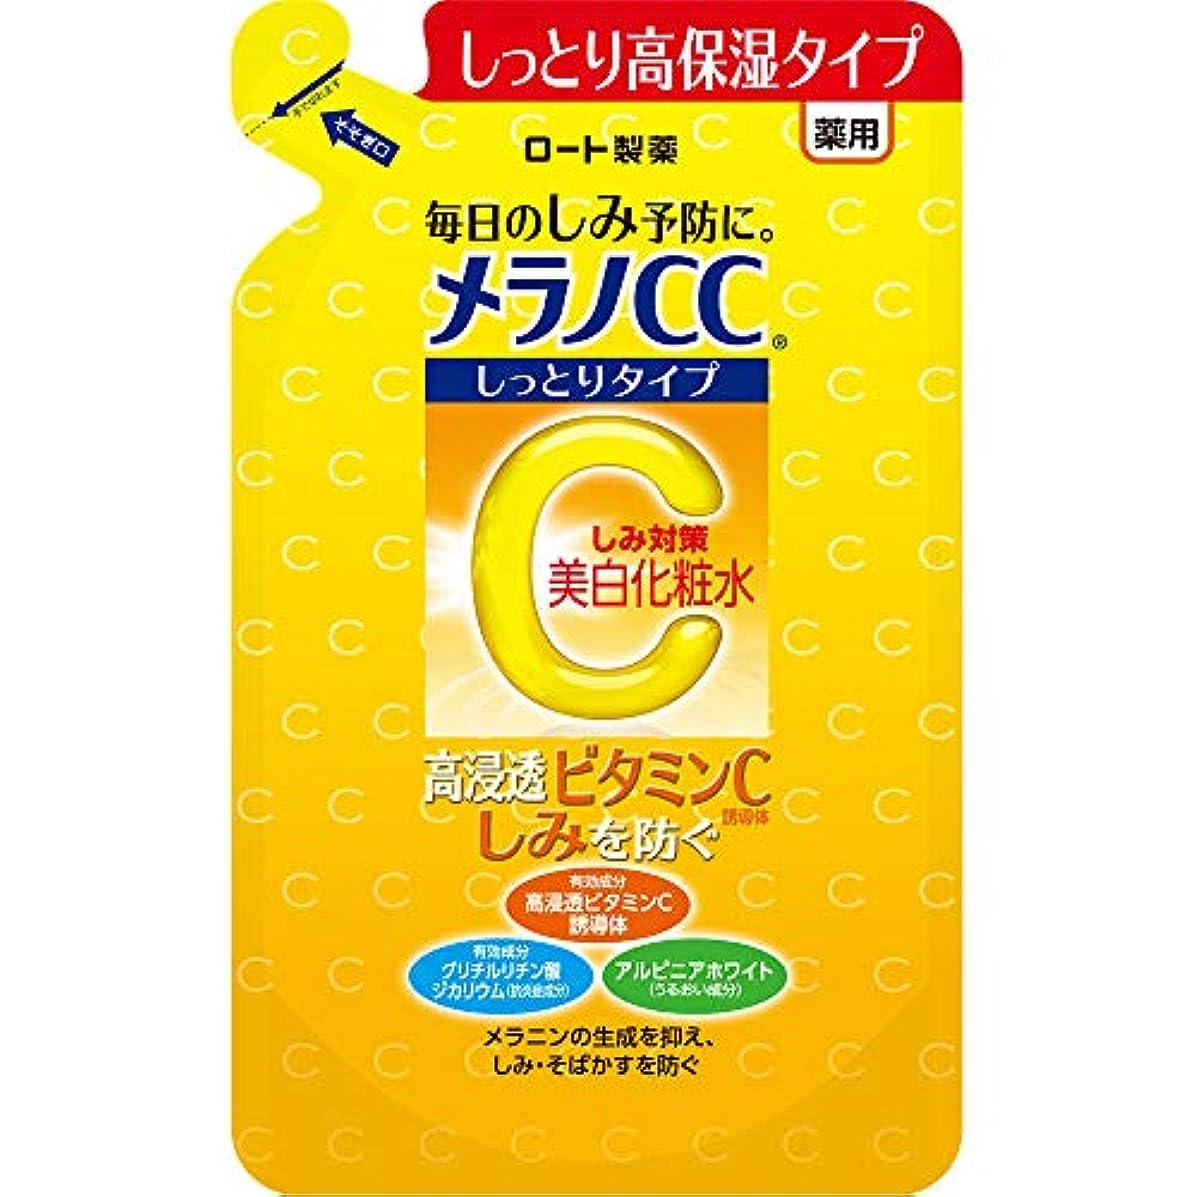 マトロンタイトル人メラノCC 薬用しみ対策美白化粧水 しっとりタイプ つめかえ用 170mL